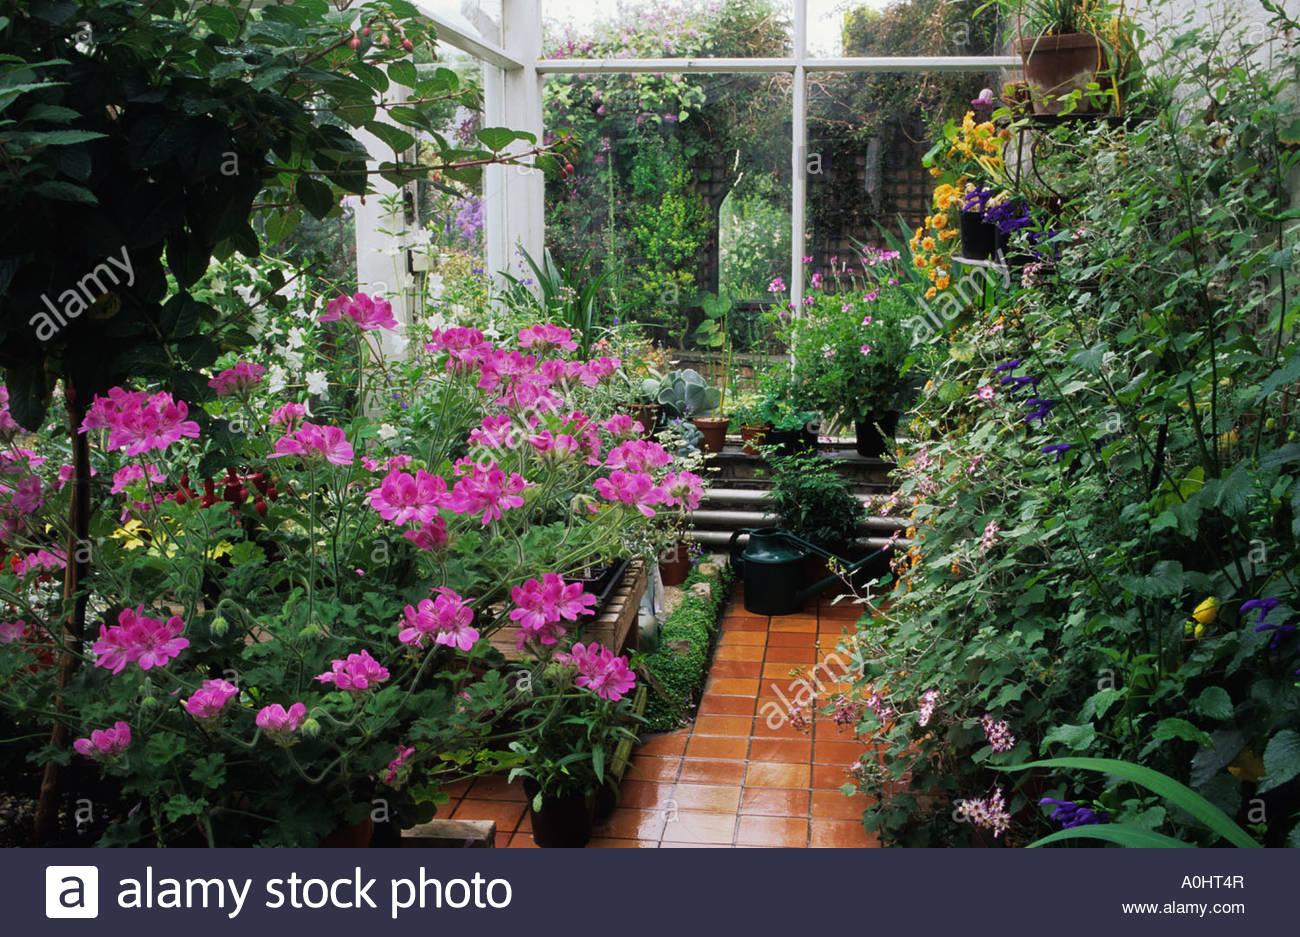 Cool Wintergarten Einrichtung Das Beste Von Wintergarten-einrichtung Mit Pelargonien.